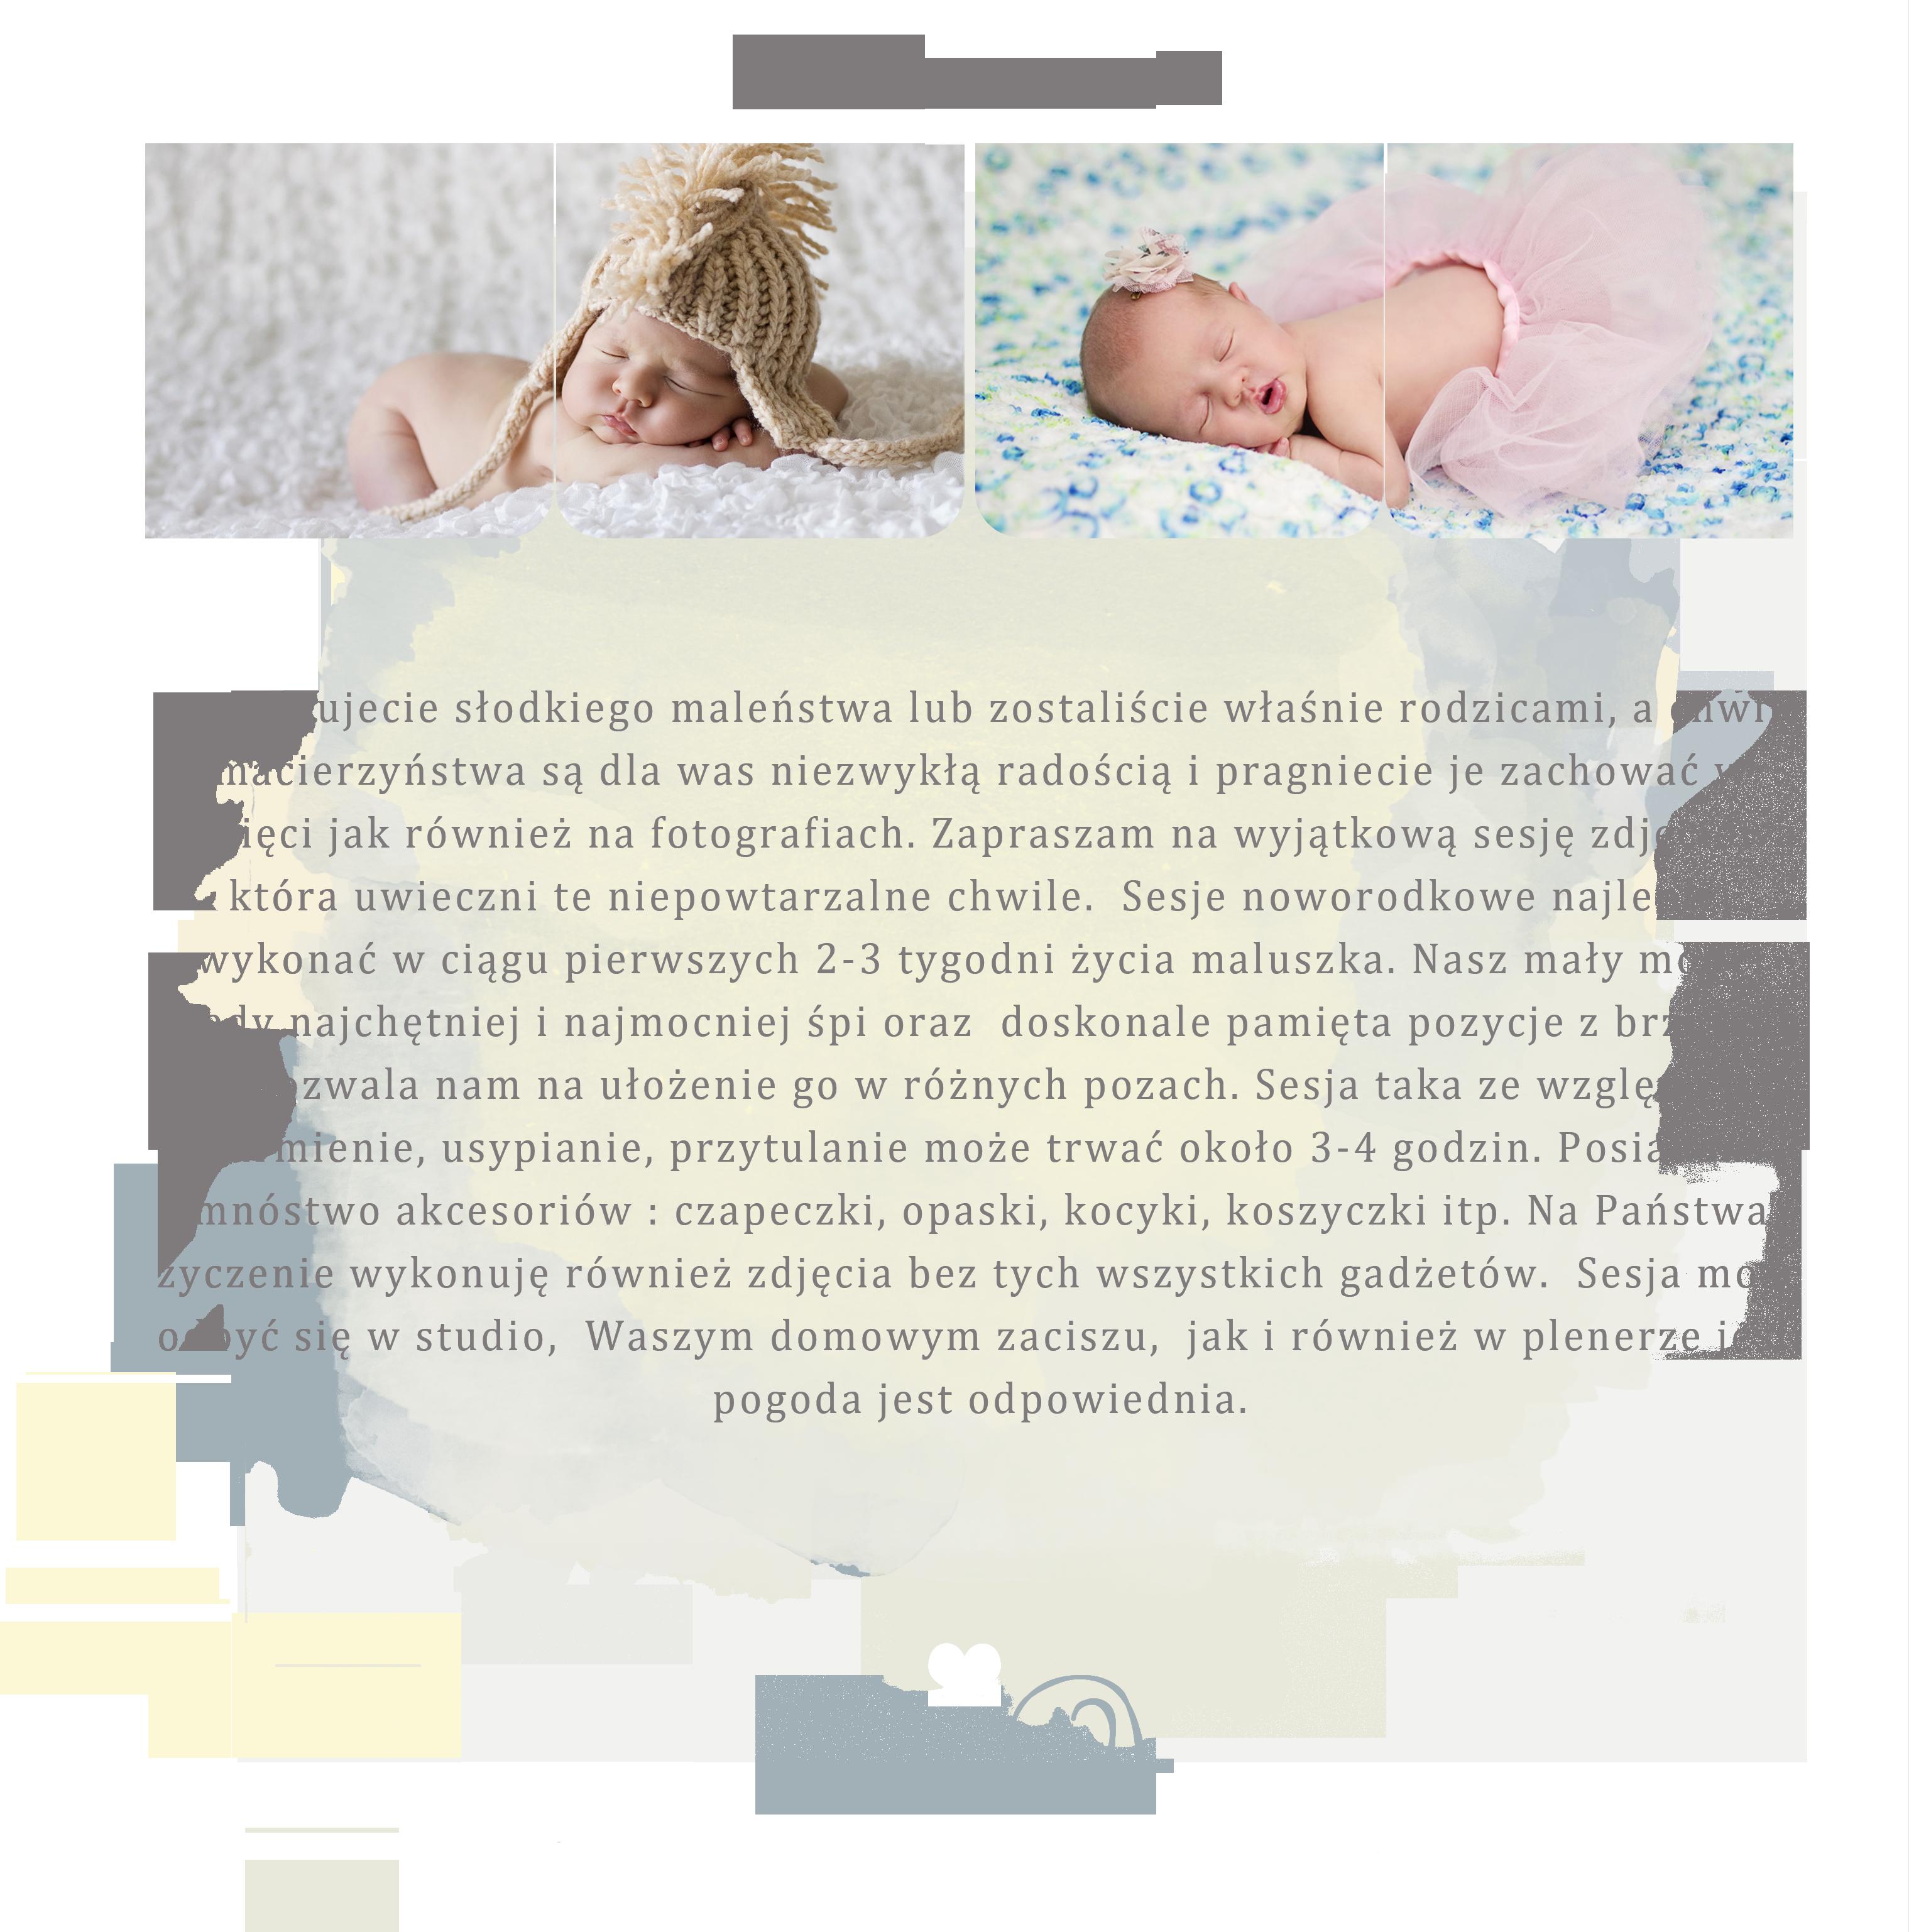 noworodki poprawione